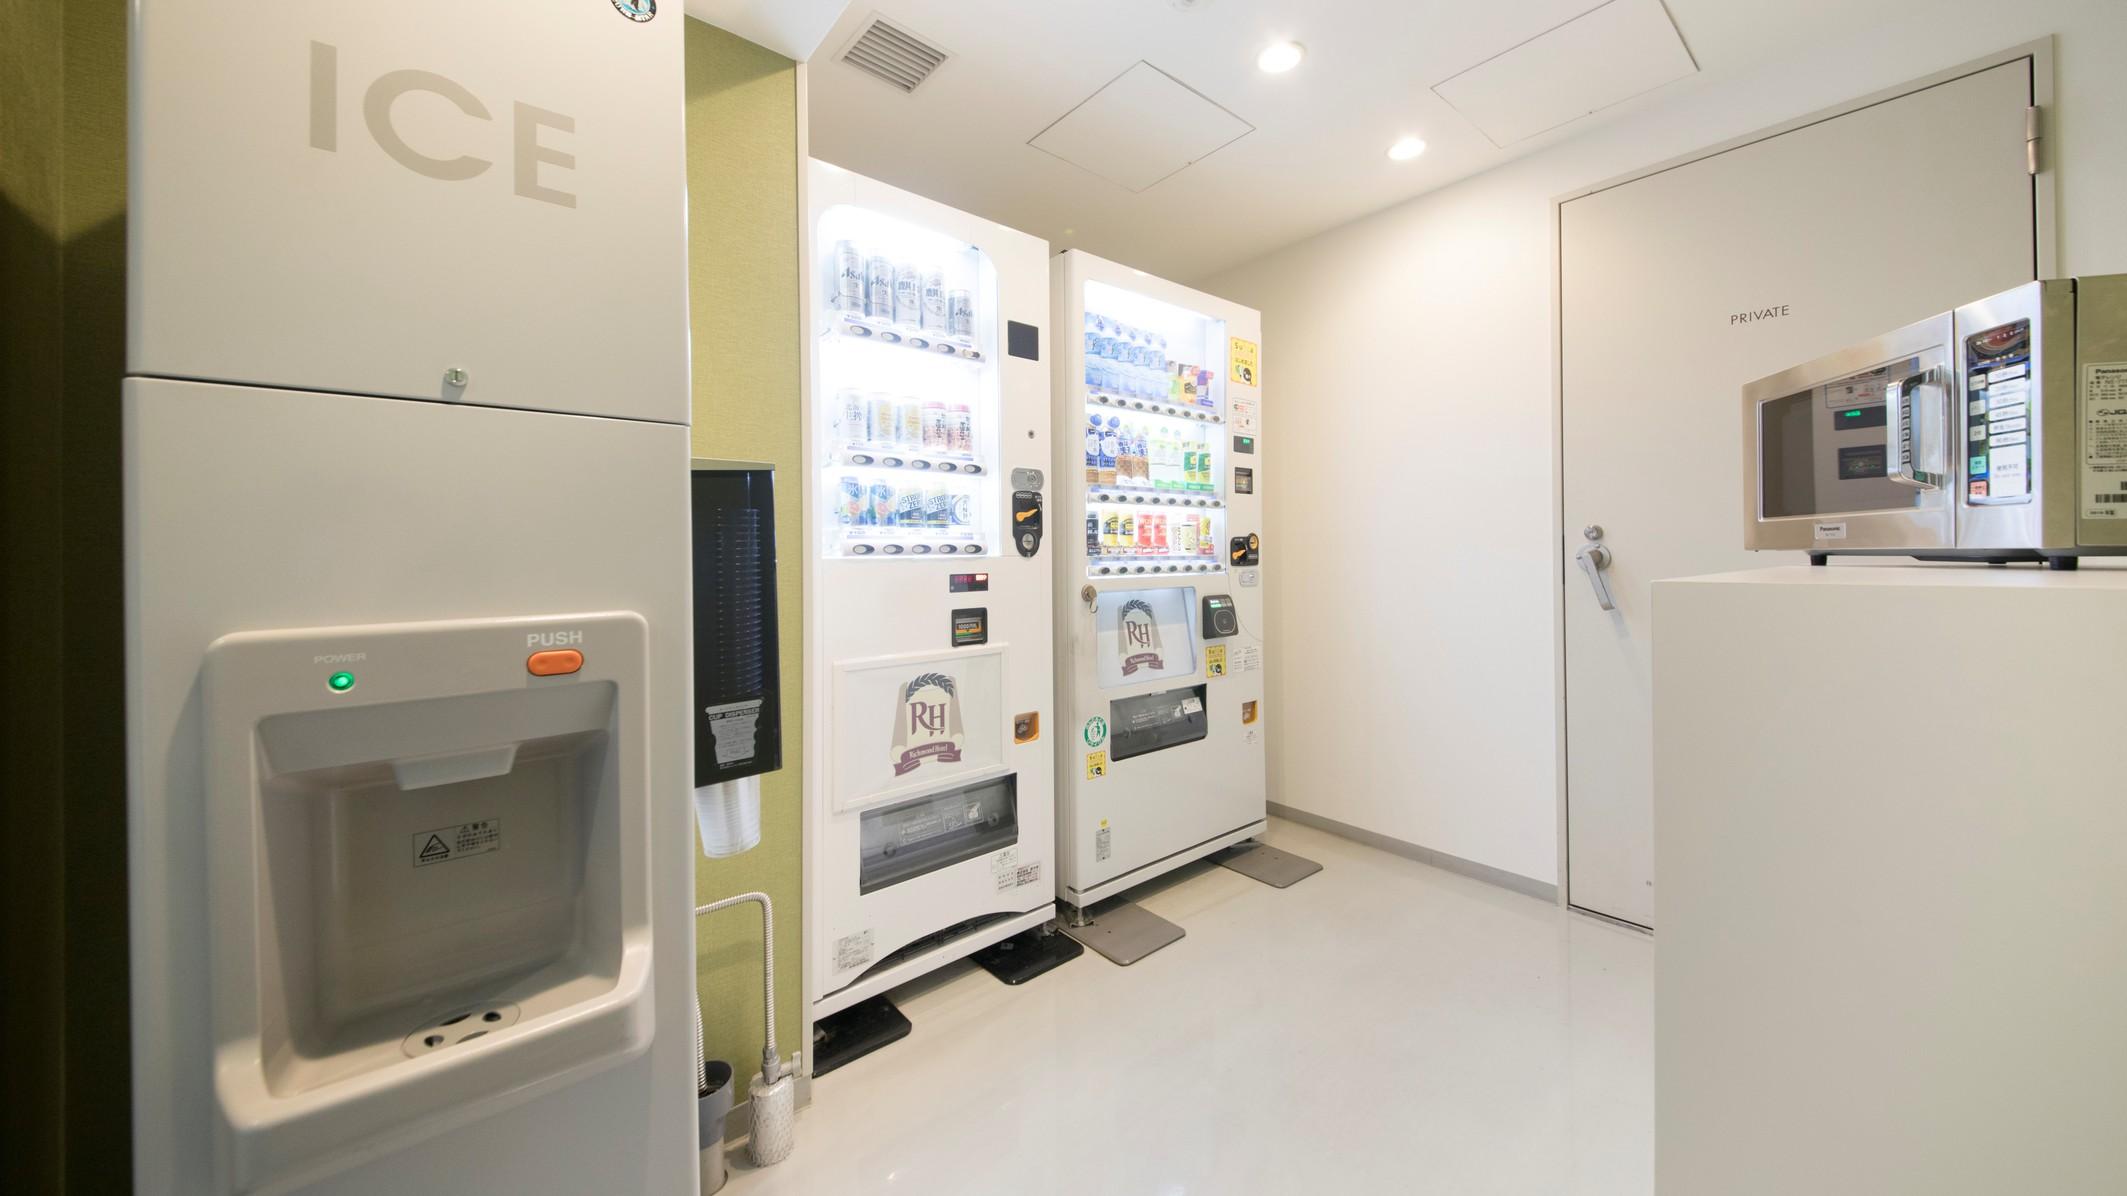 製氷機と自動販売機